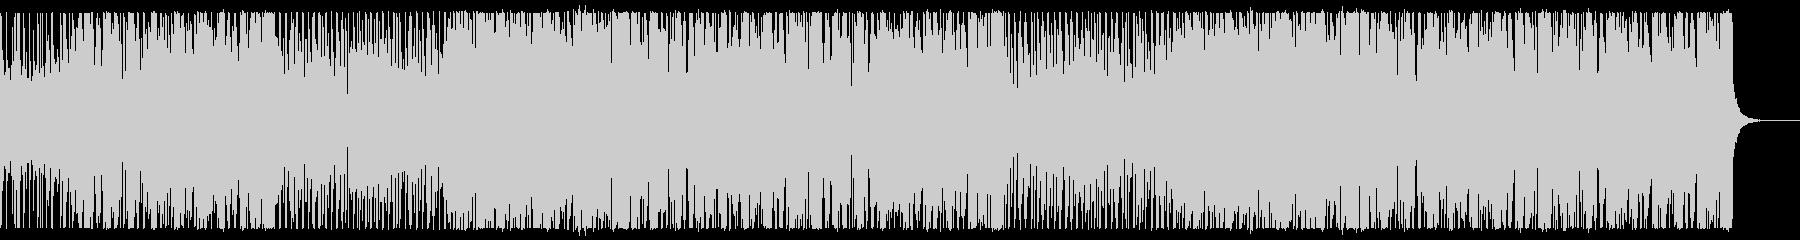 オシャレで都会的なジャズファンクの未再生の波形